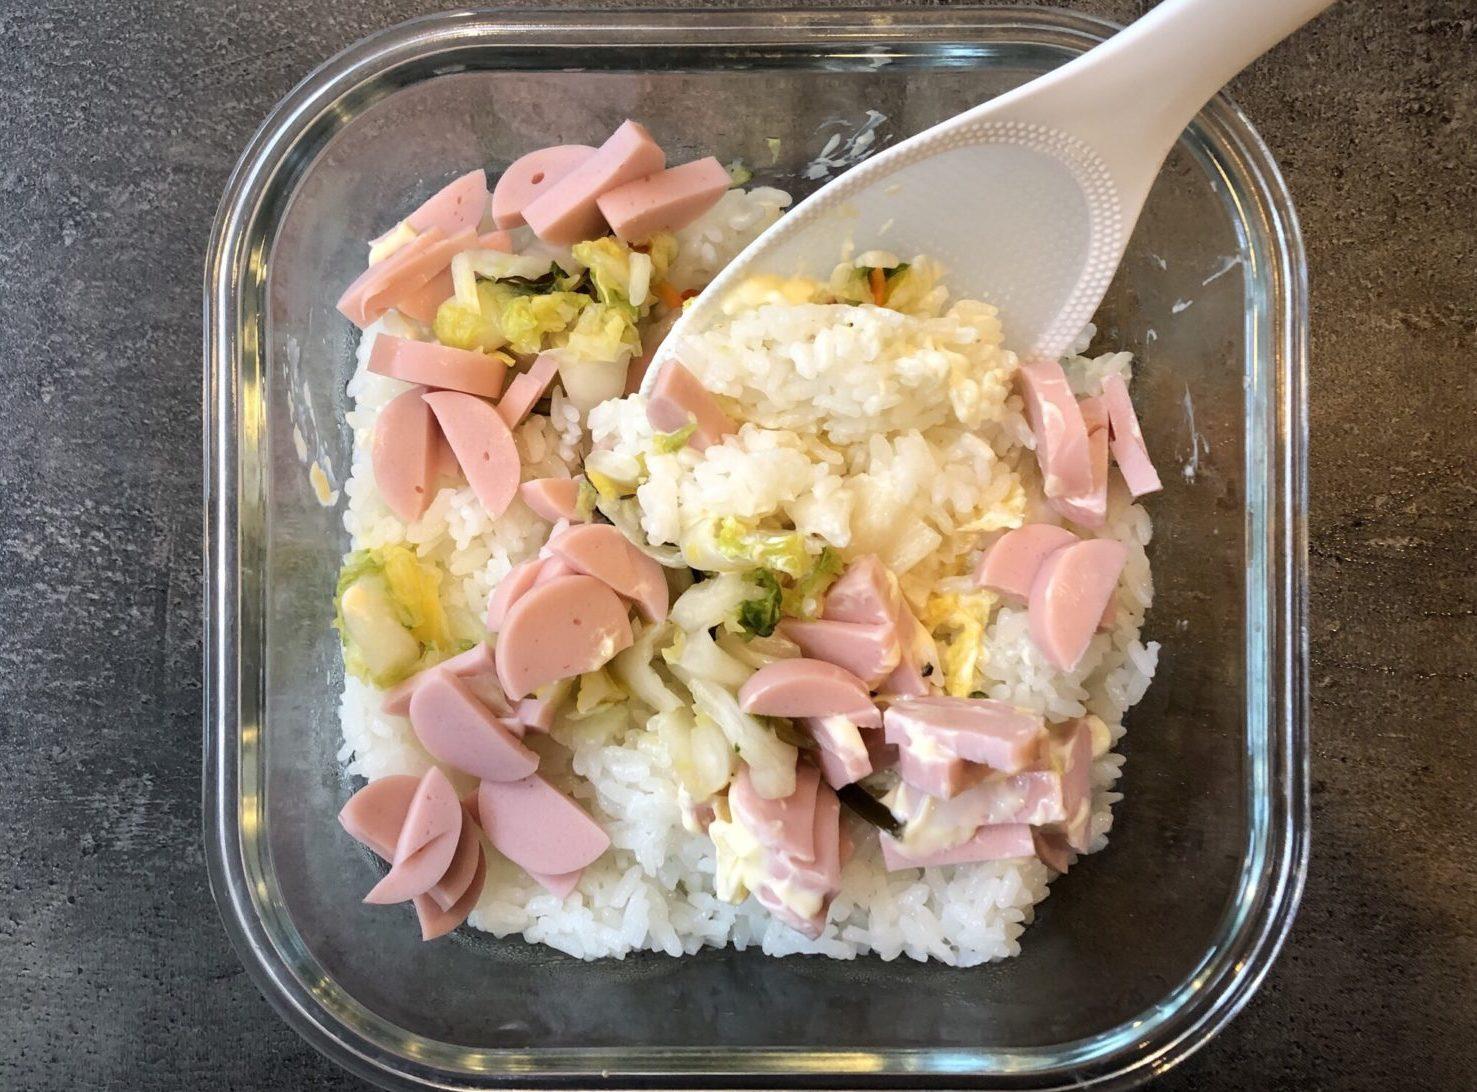 魚肉ソーセージと白菜漬けのリメイクおにぎりの作り方(工程2)